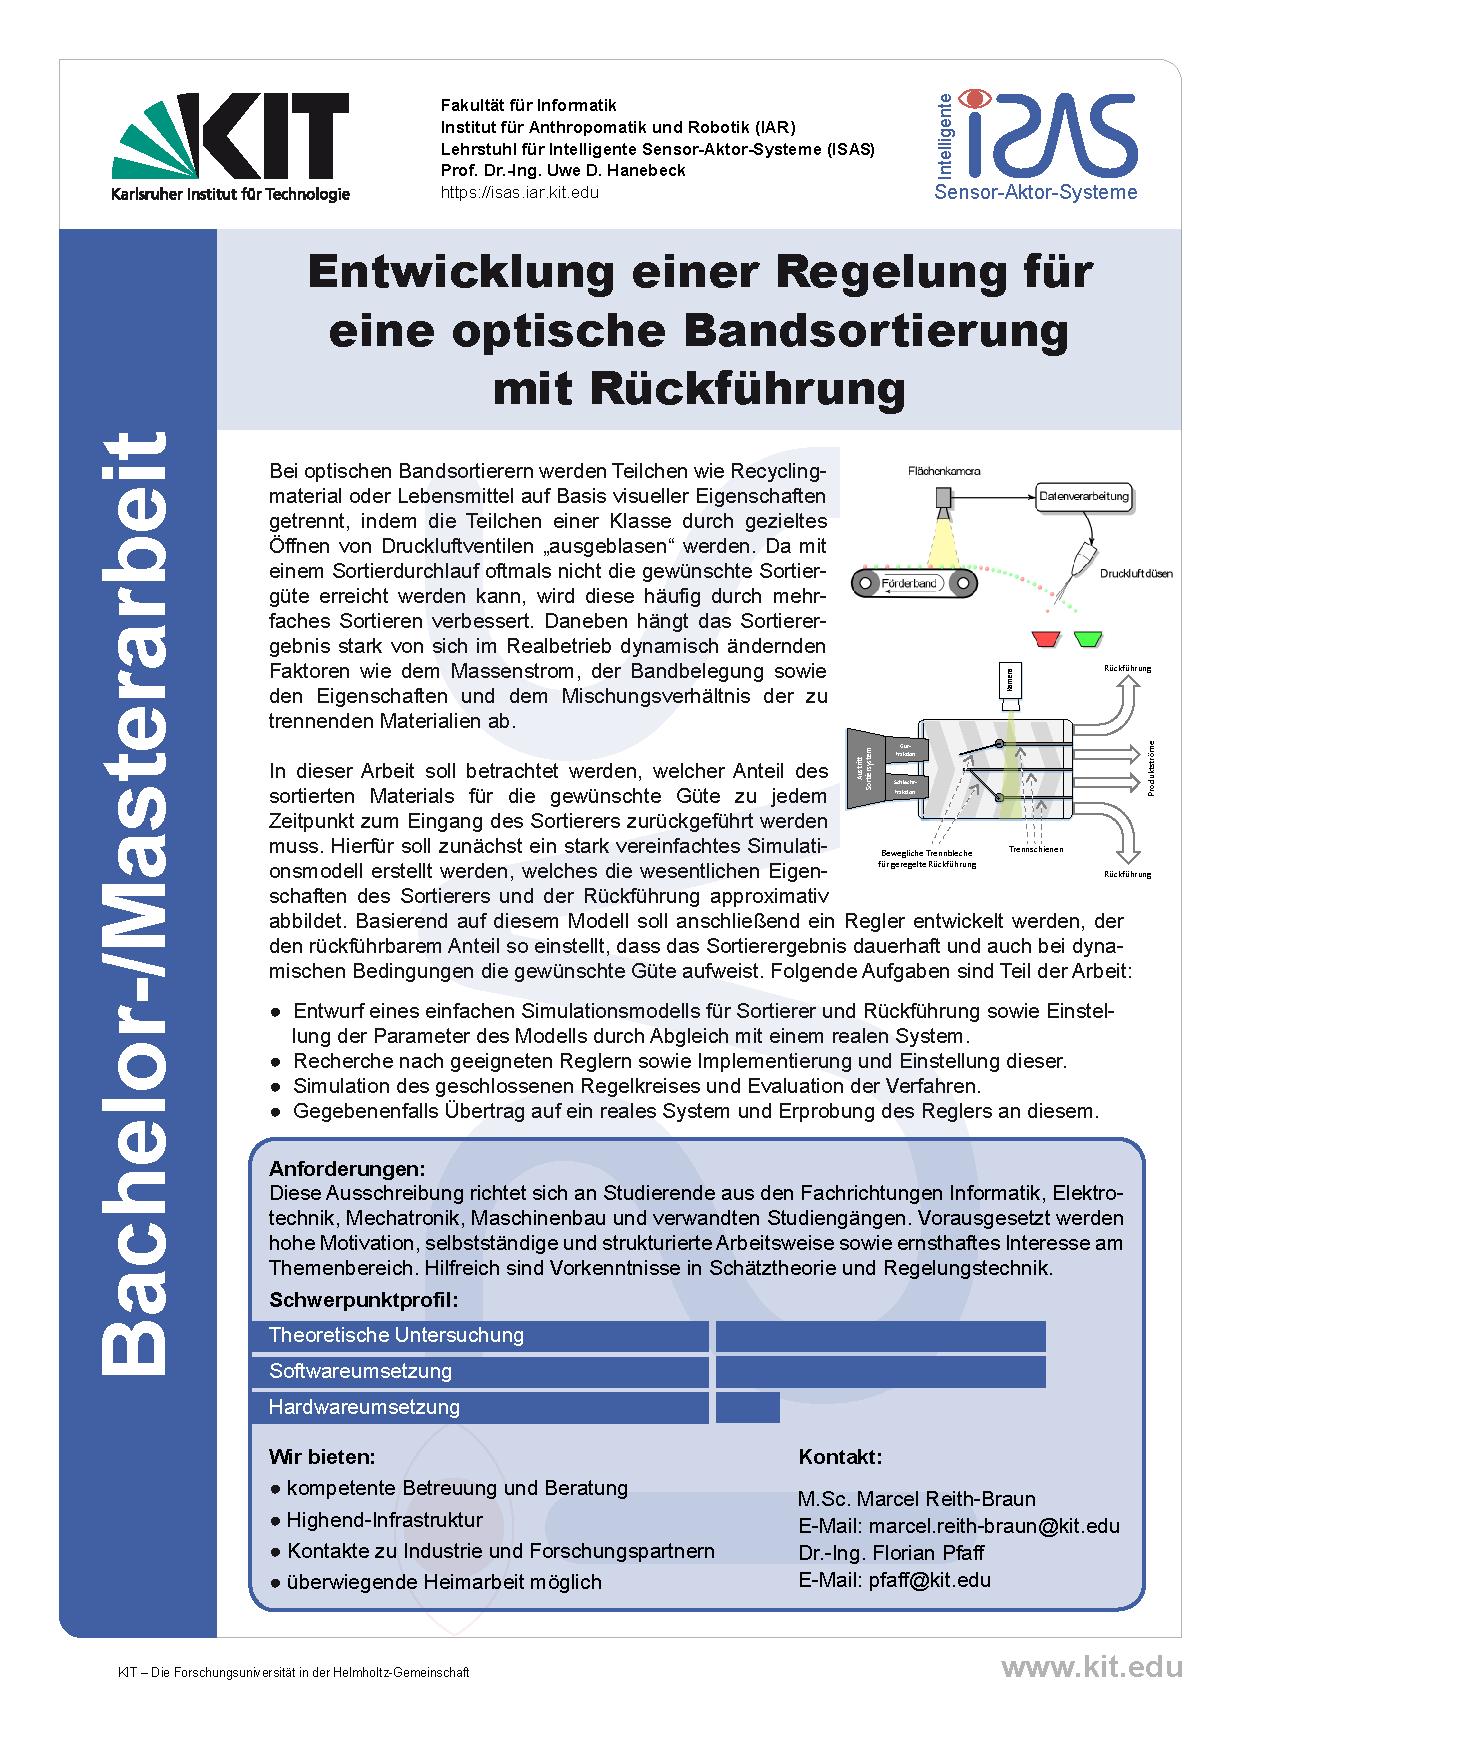 Entwicklung einer Regelung für eine optische Bandsortierung mit Rückführung